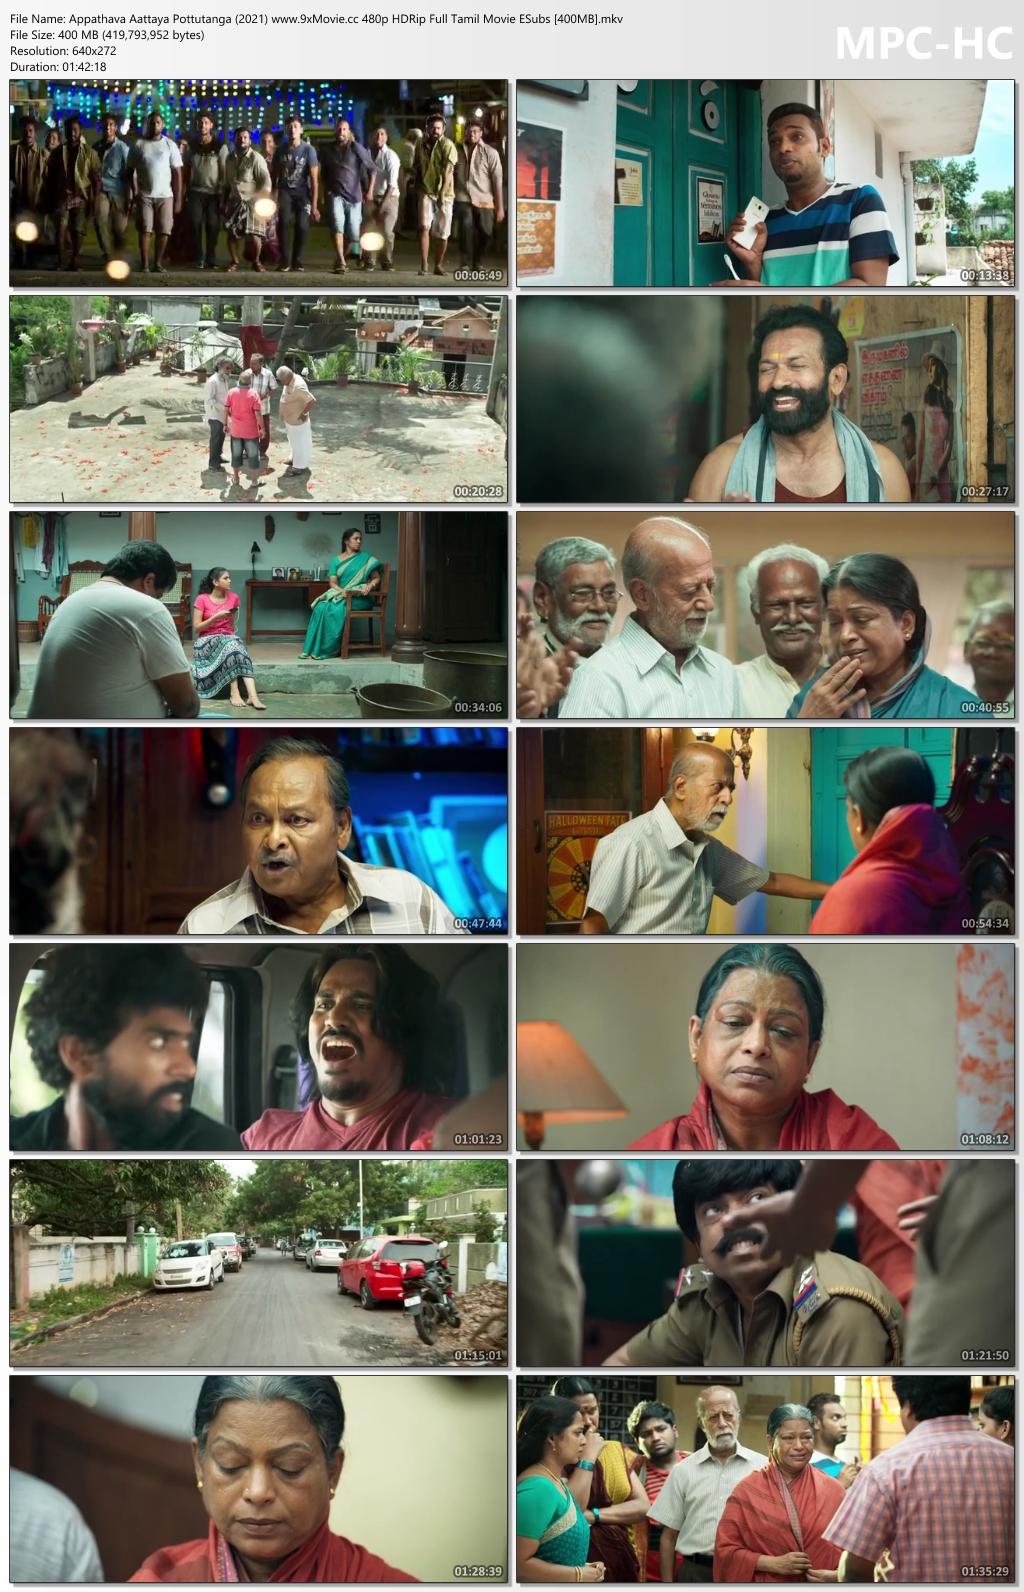 Appathava-Aattaya-Pottutanga-2021-www-9x-Movie-cc-480p-HDRip-Full-Tamil-Movie-ESubs-400-MB-mkv